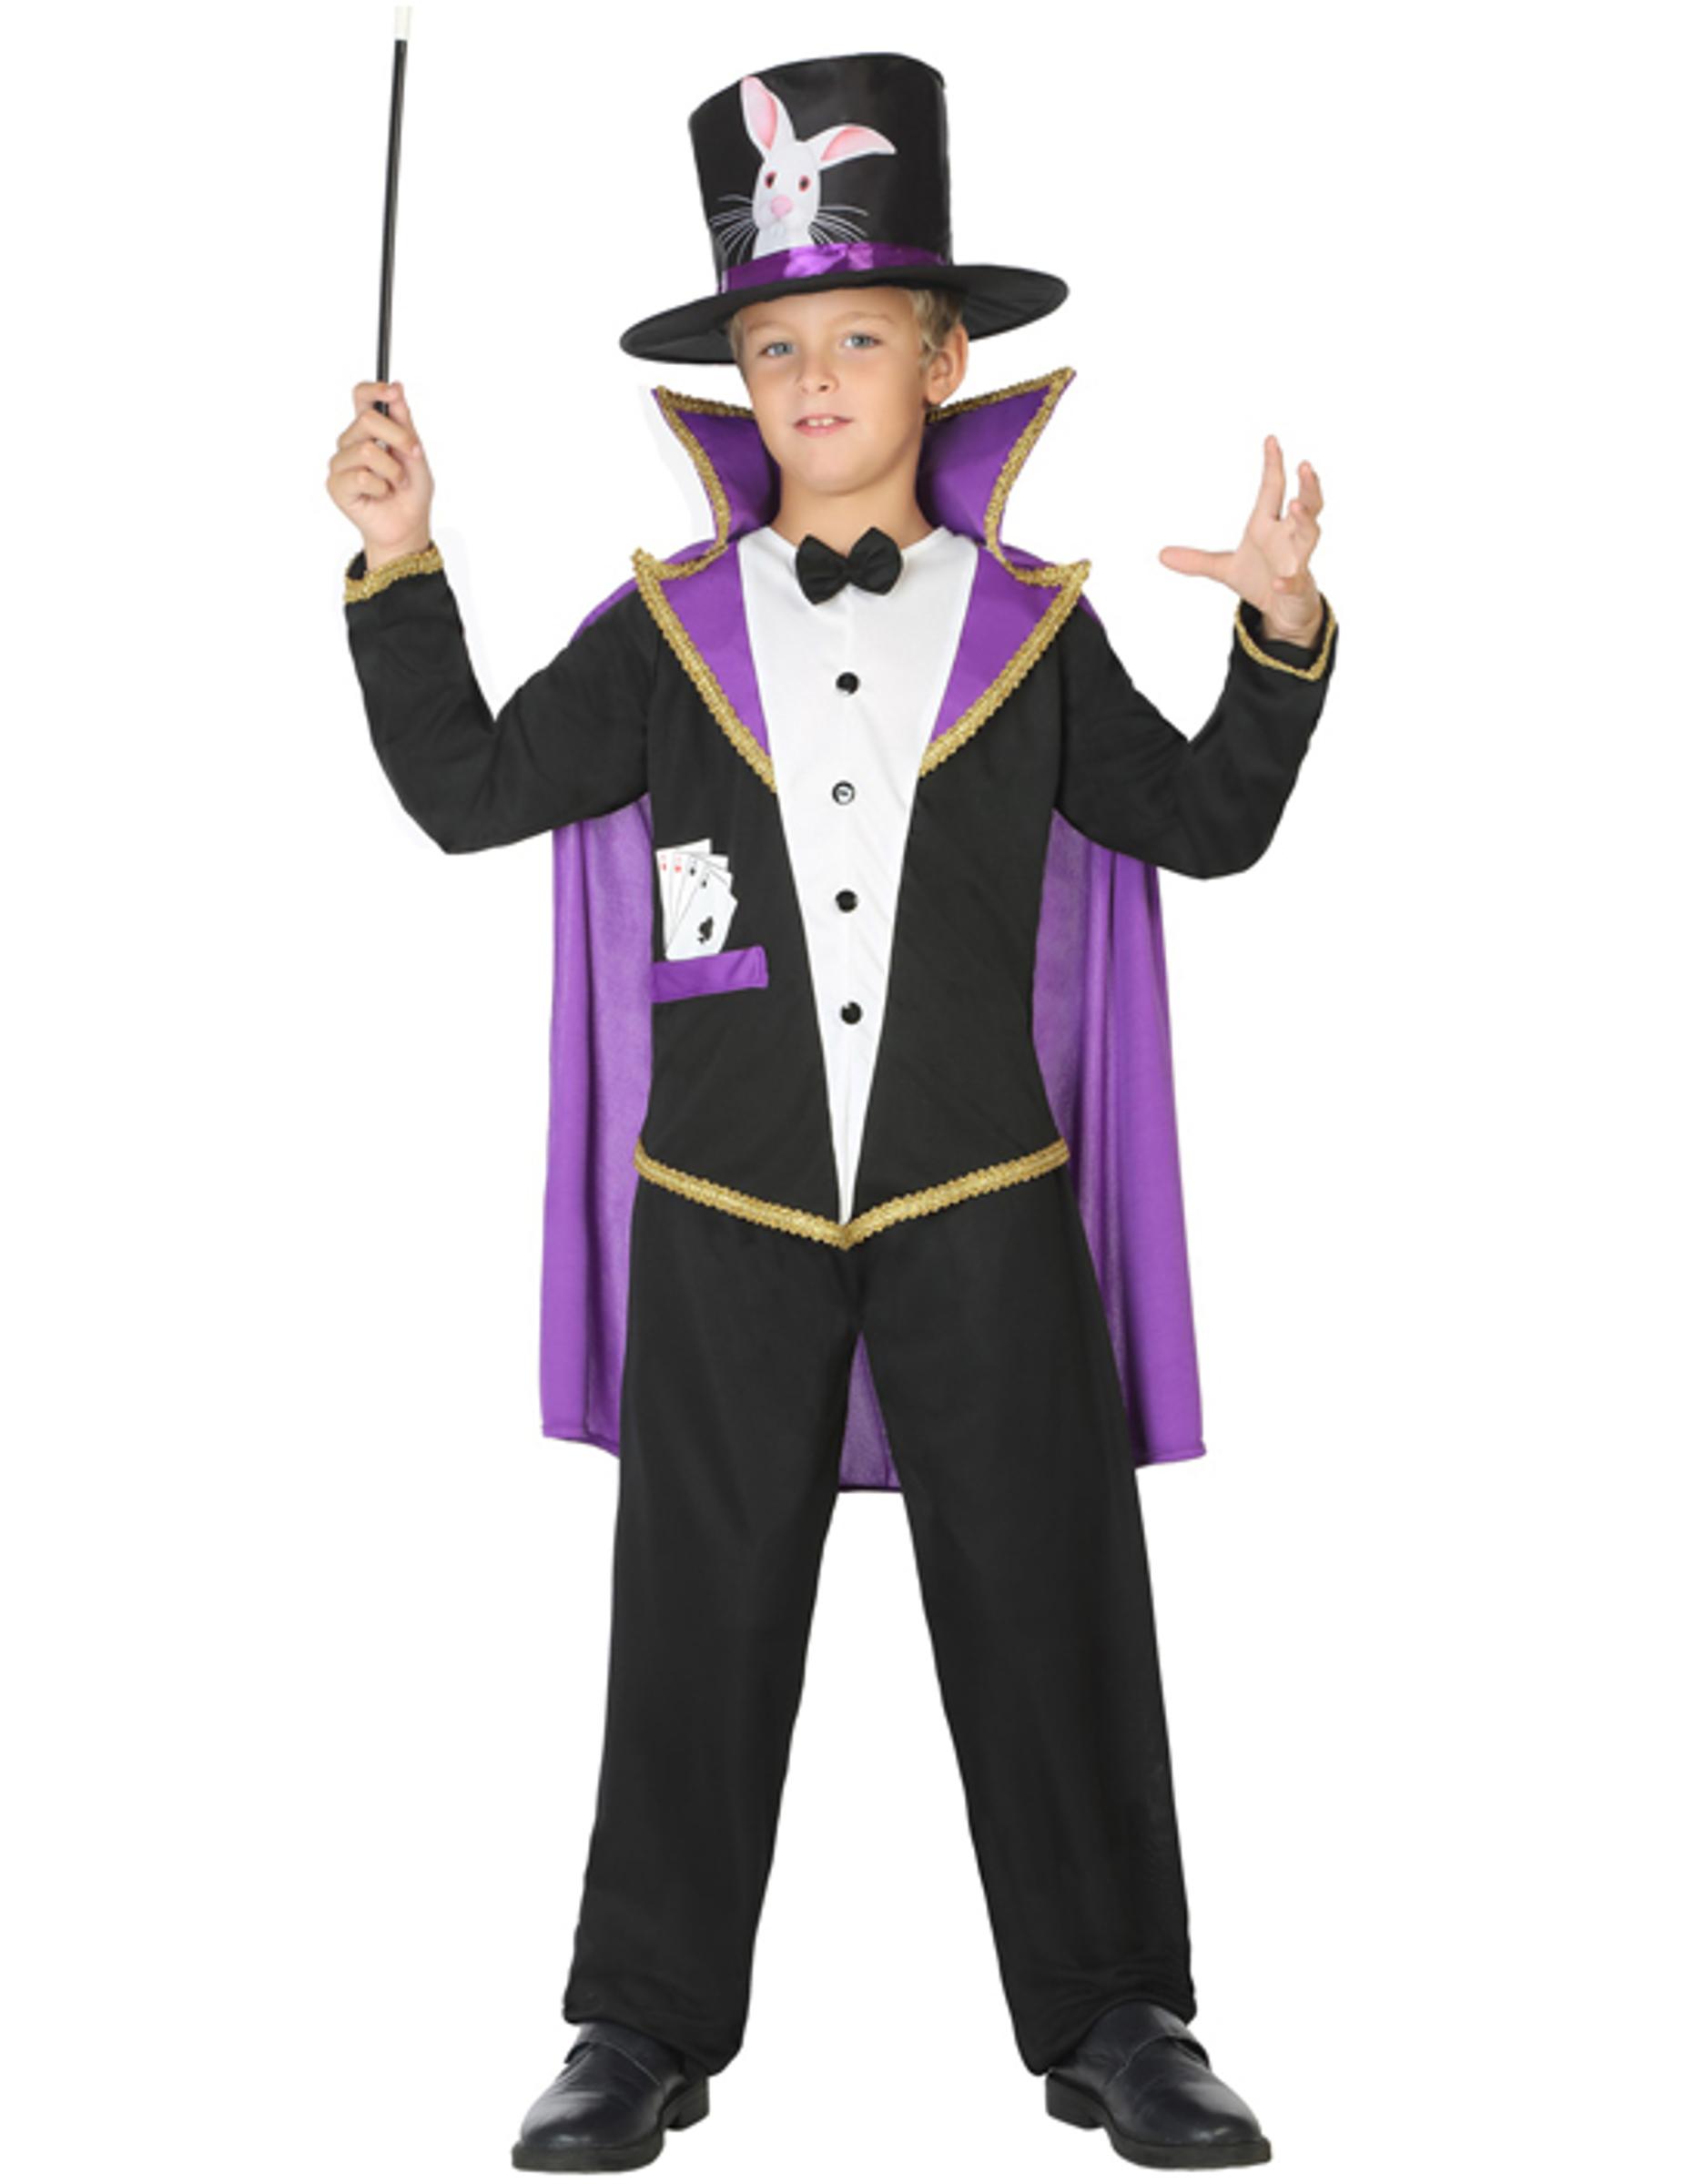 Zauberer Kostum Fur Kinder Schwarz Violett Gunstige Faschings